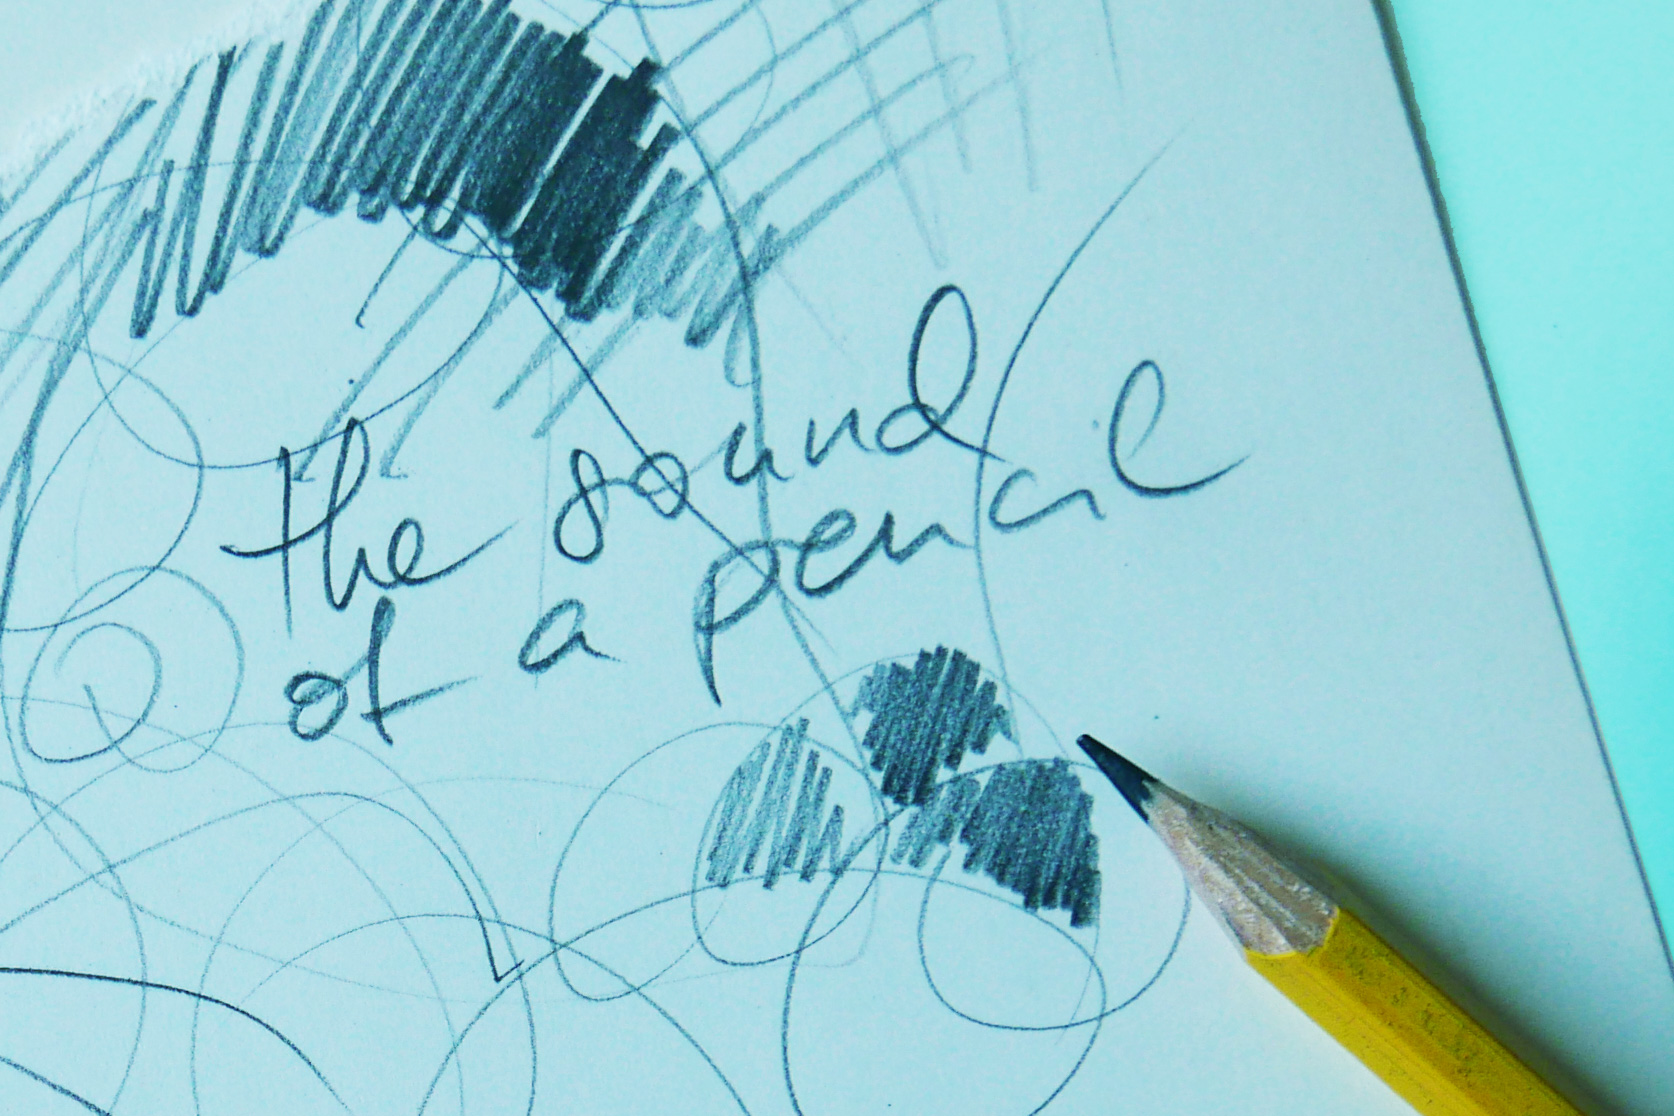 Notiz in Bleistift sound of a pencil schrift